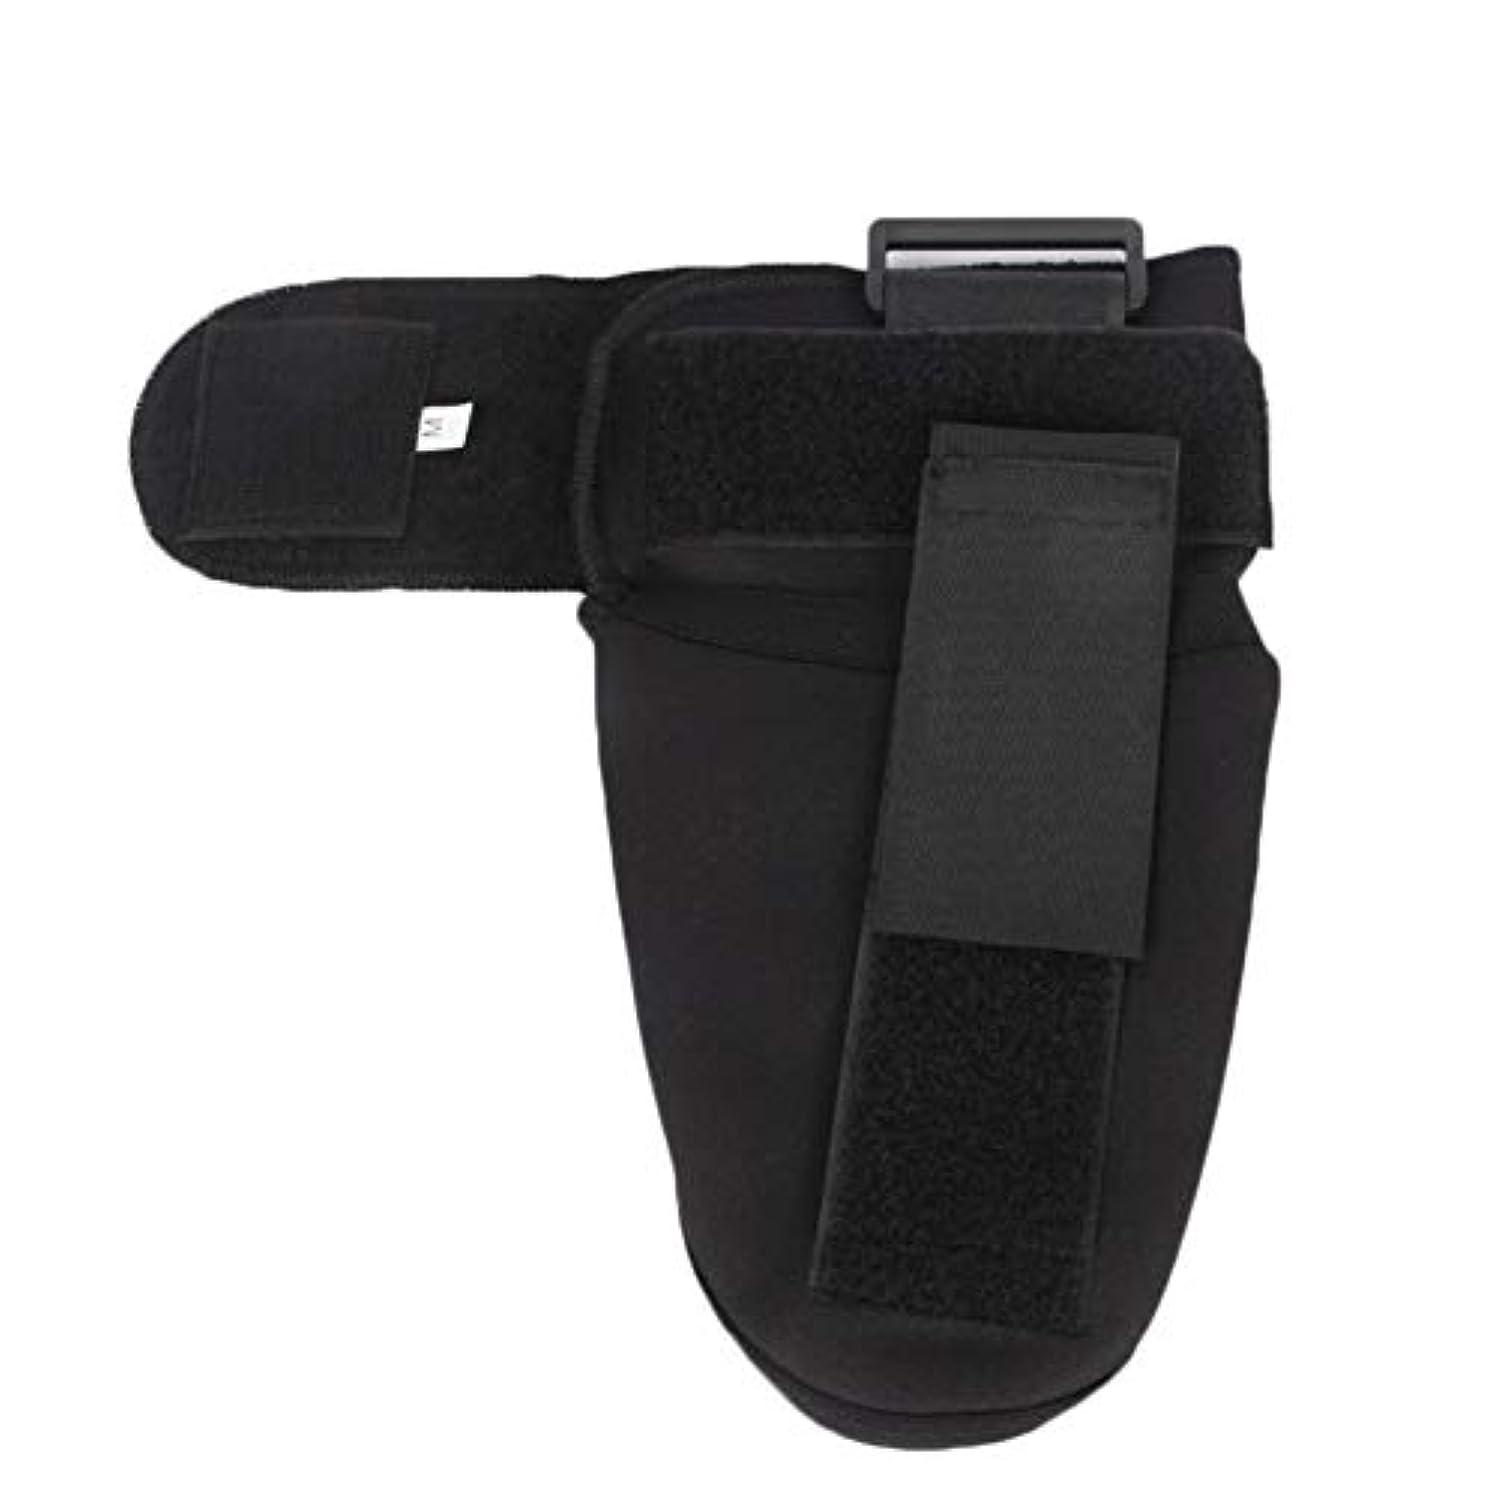 ジャベスウィルソン傾向山Xlp 足の痛みを軽減するための足底足首サポートベルトソフト通気性フットプロテクター